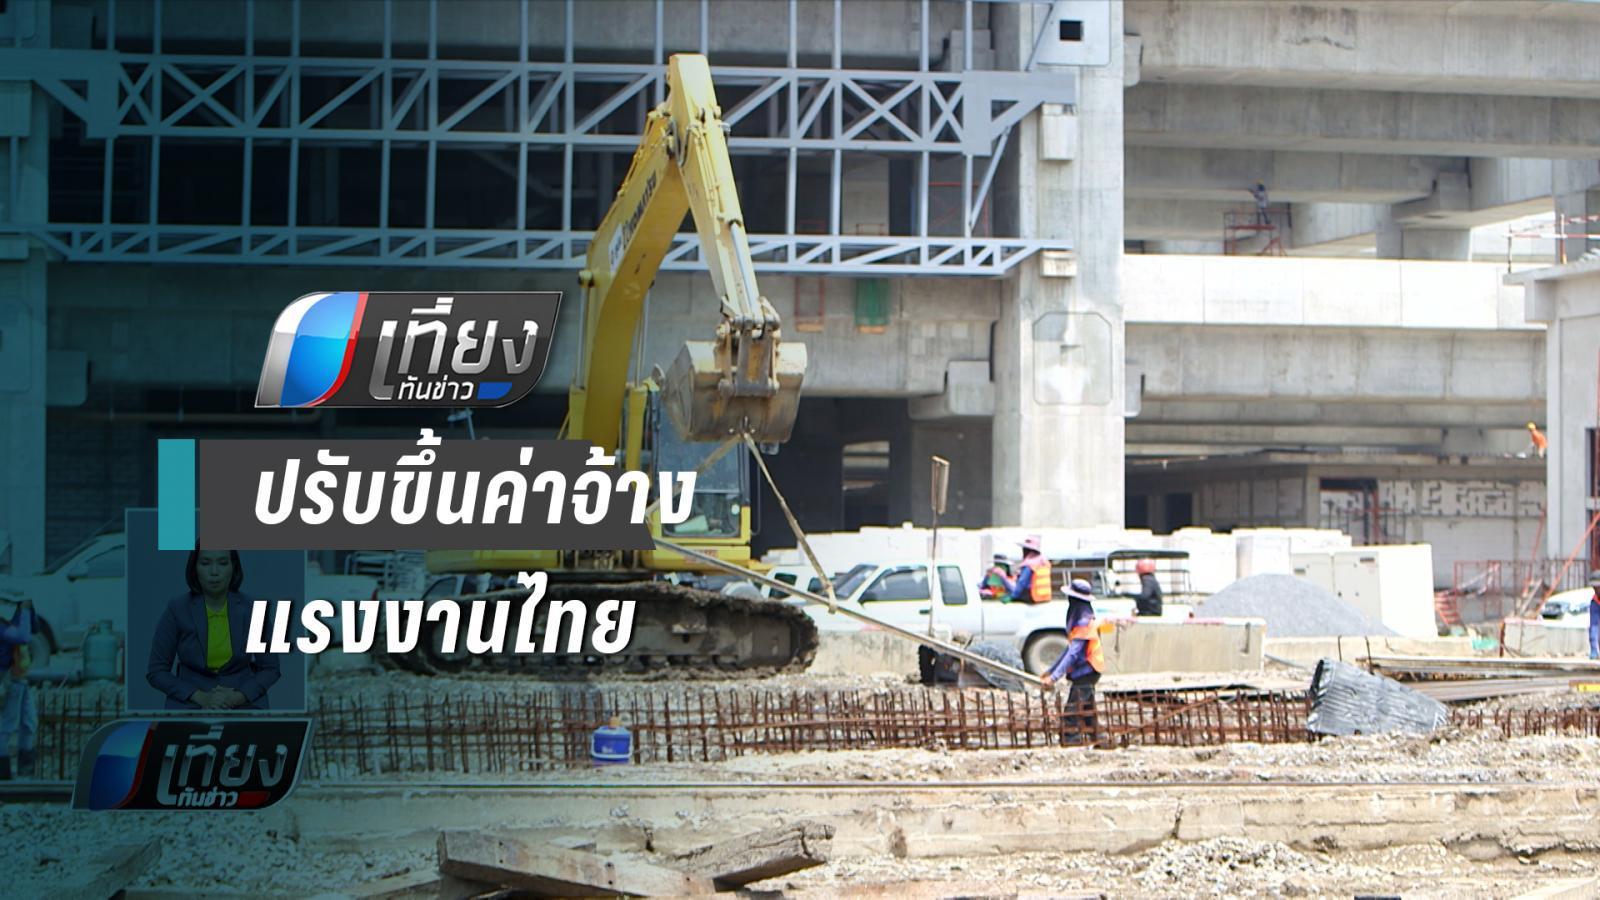 ปรับขึ้นค่าจ้าง ความหวังแรงงานไทย